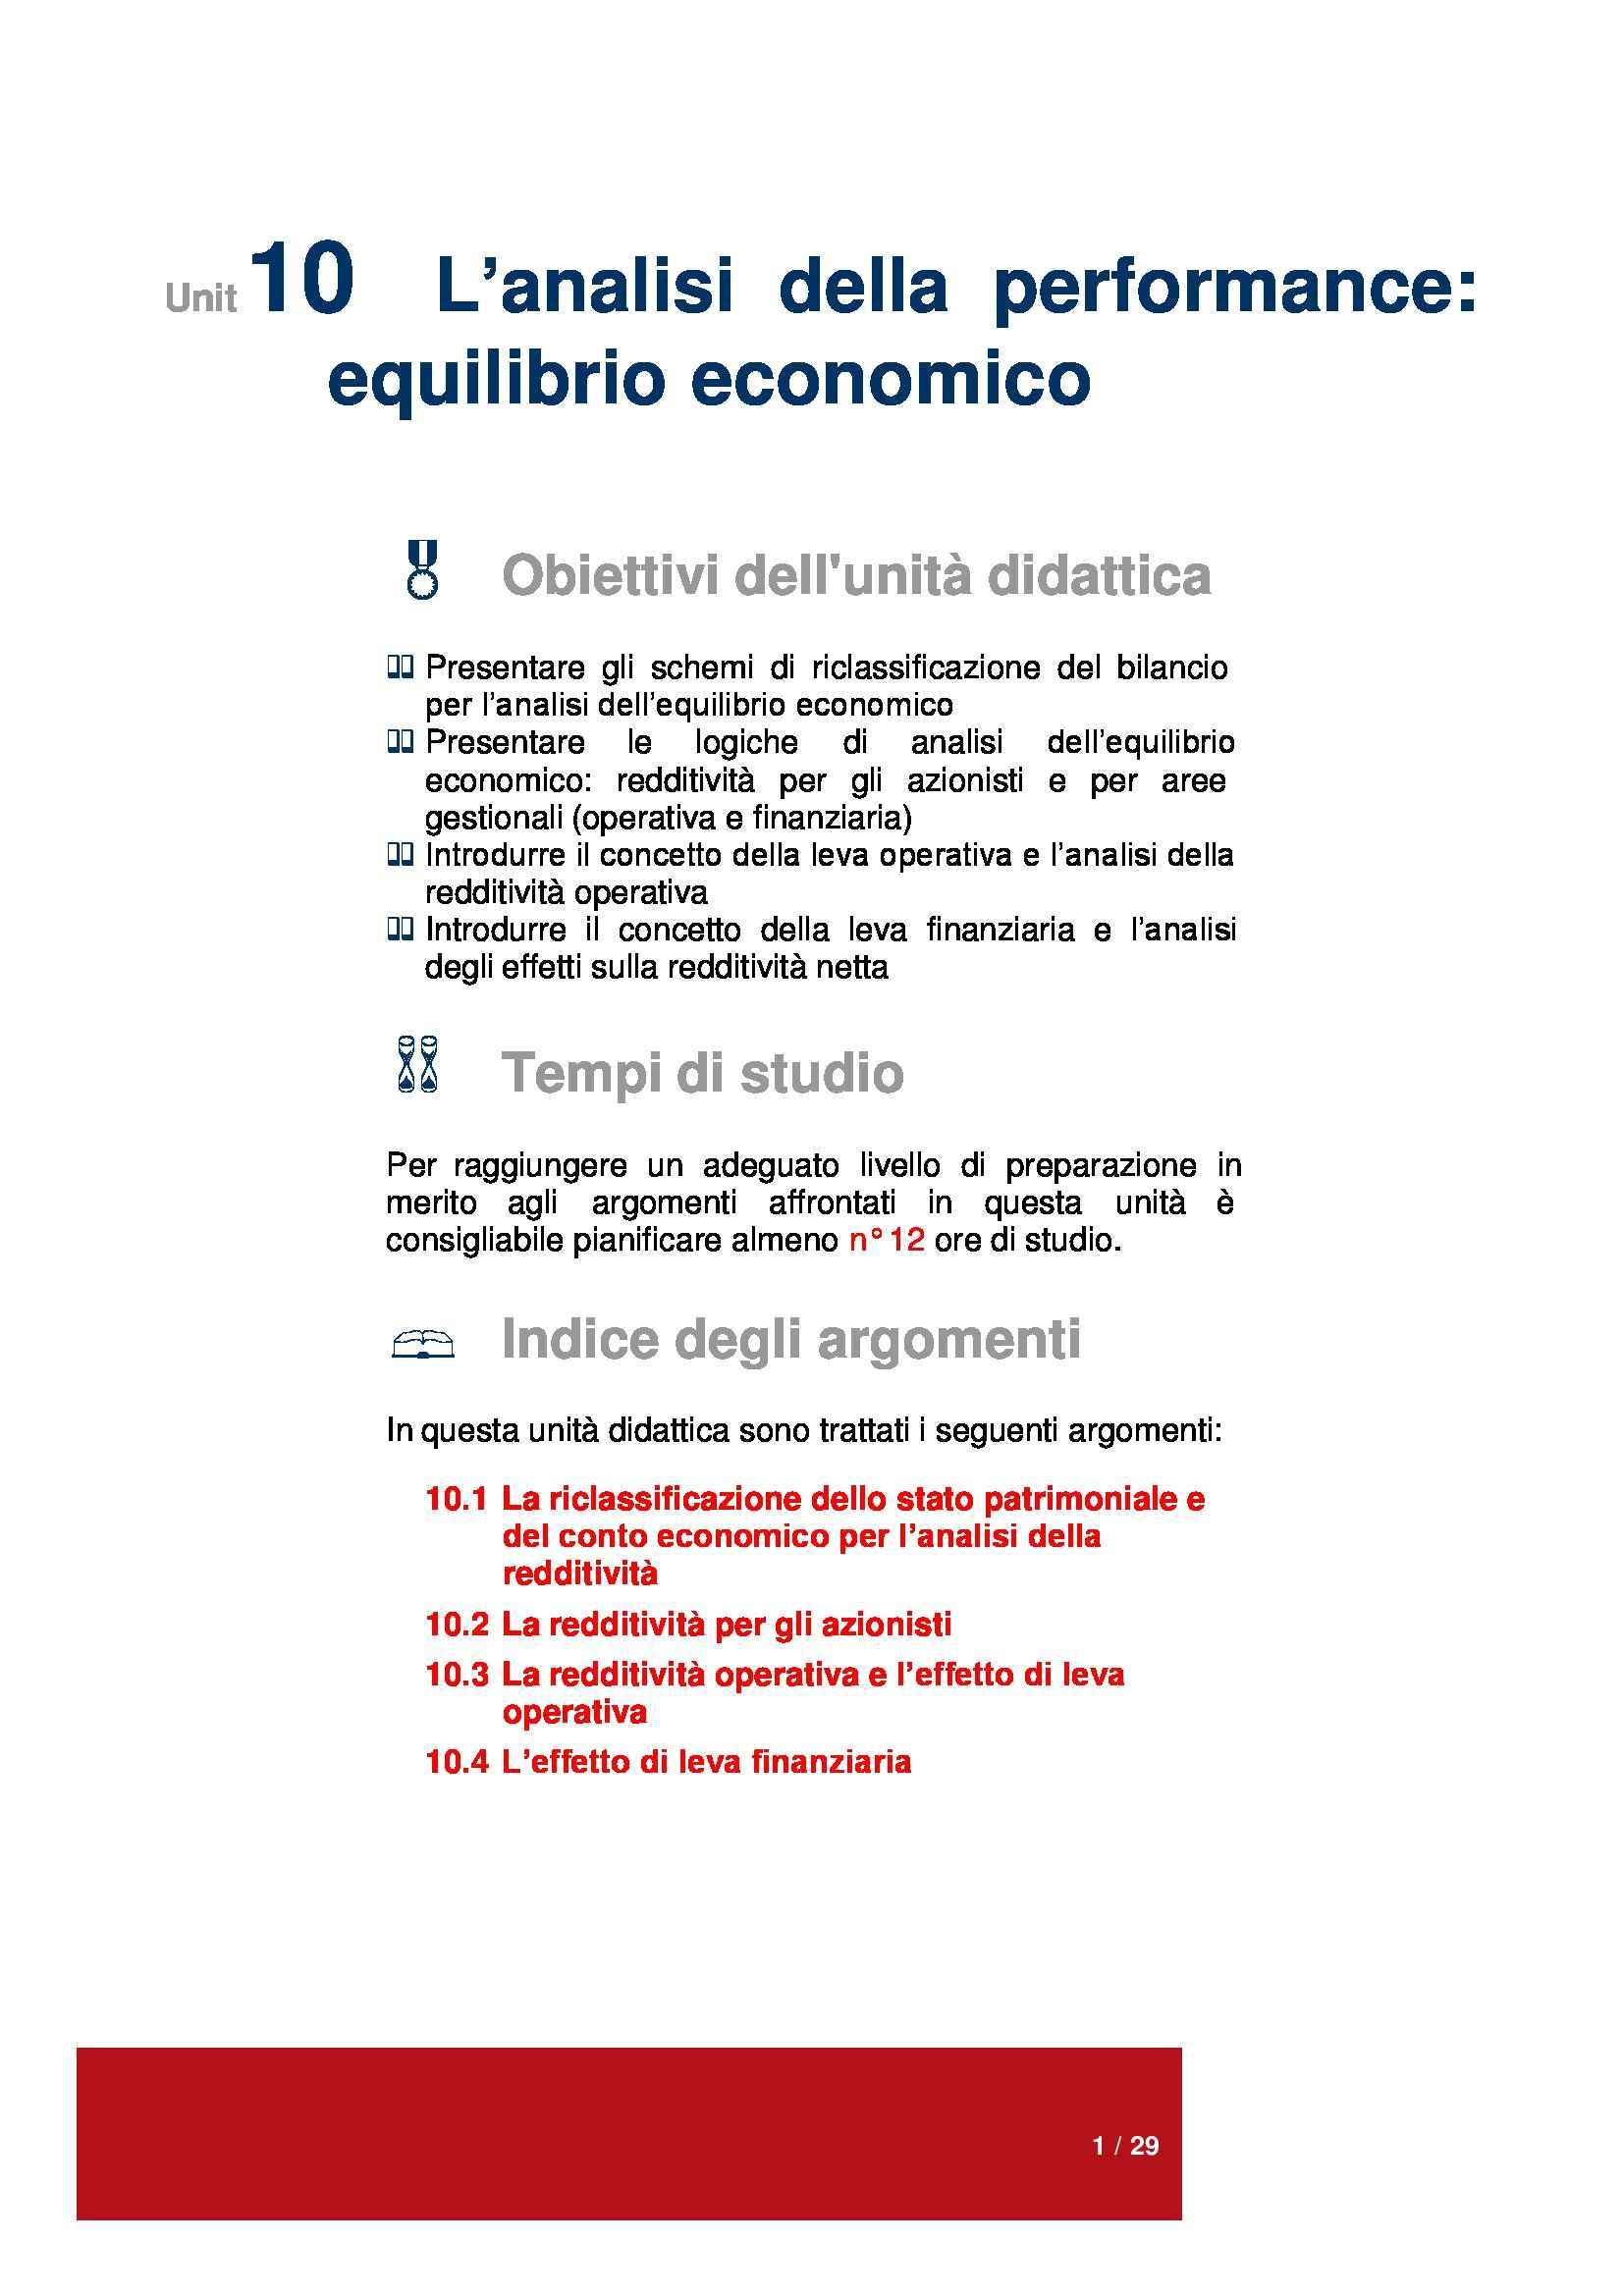 Dispensa di Economia aziendale - Analisi della performance: equilibrio economico